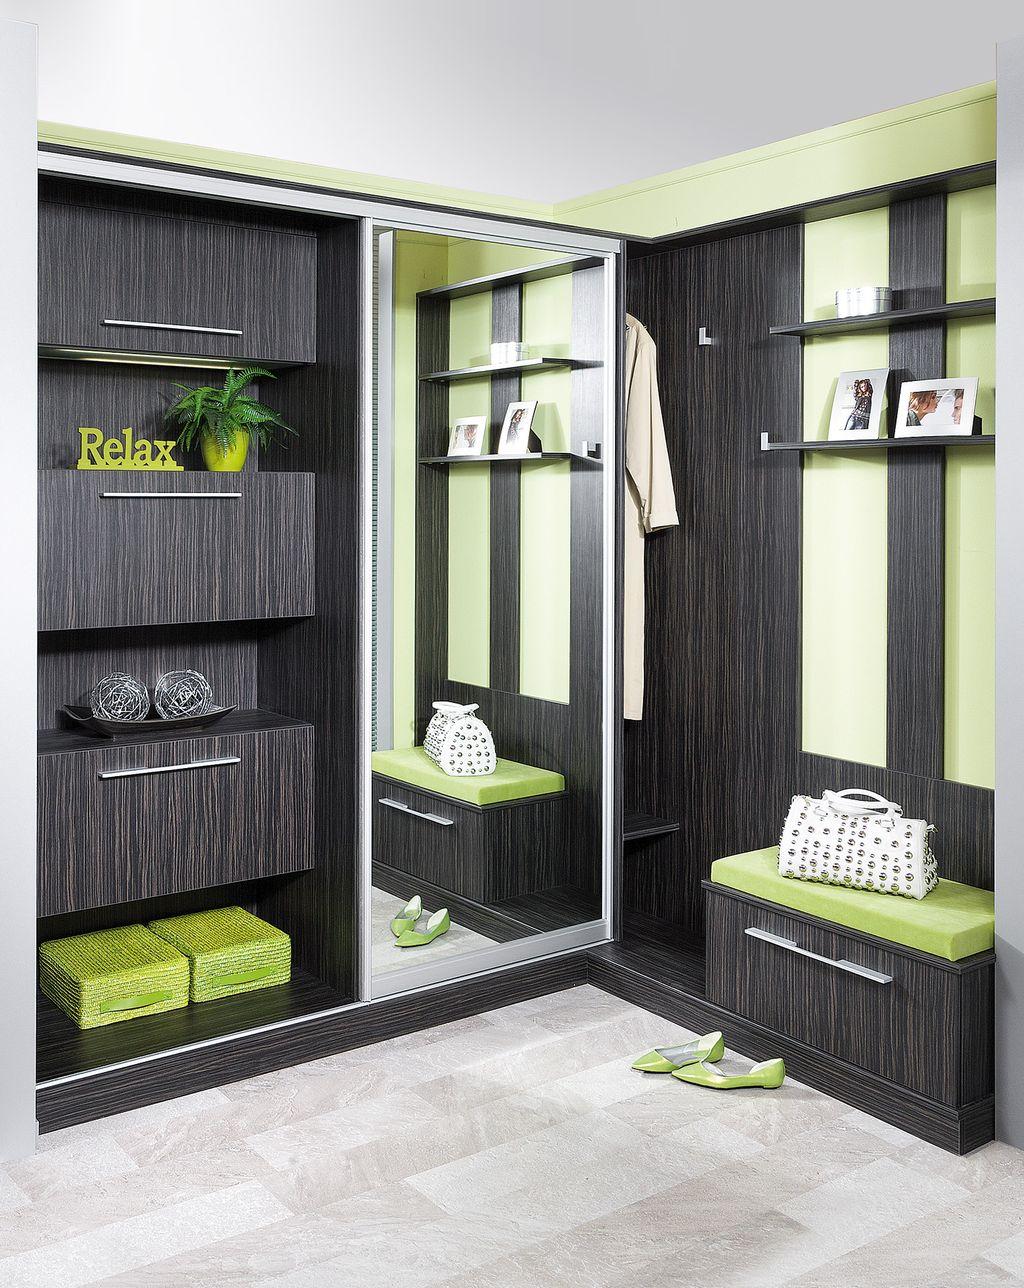 Vorzimmer mit Indoor-Schiebetür